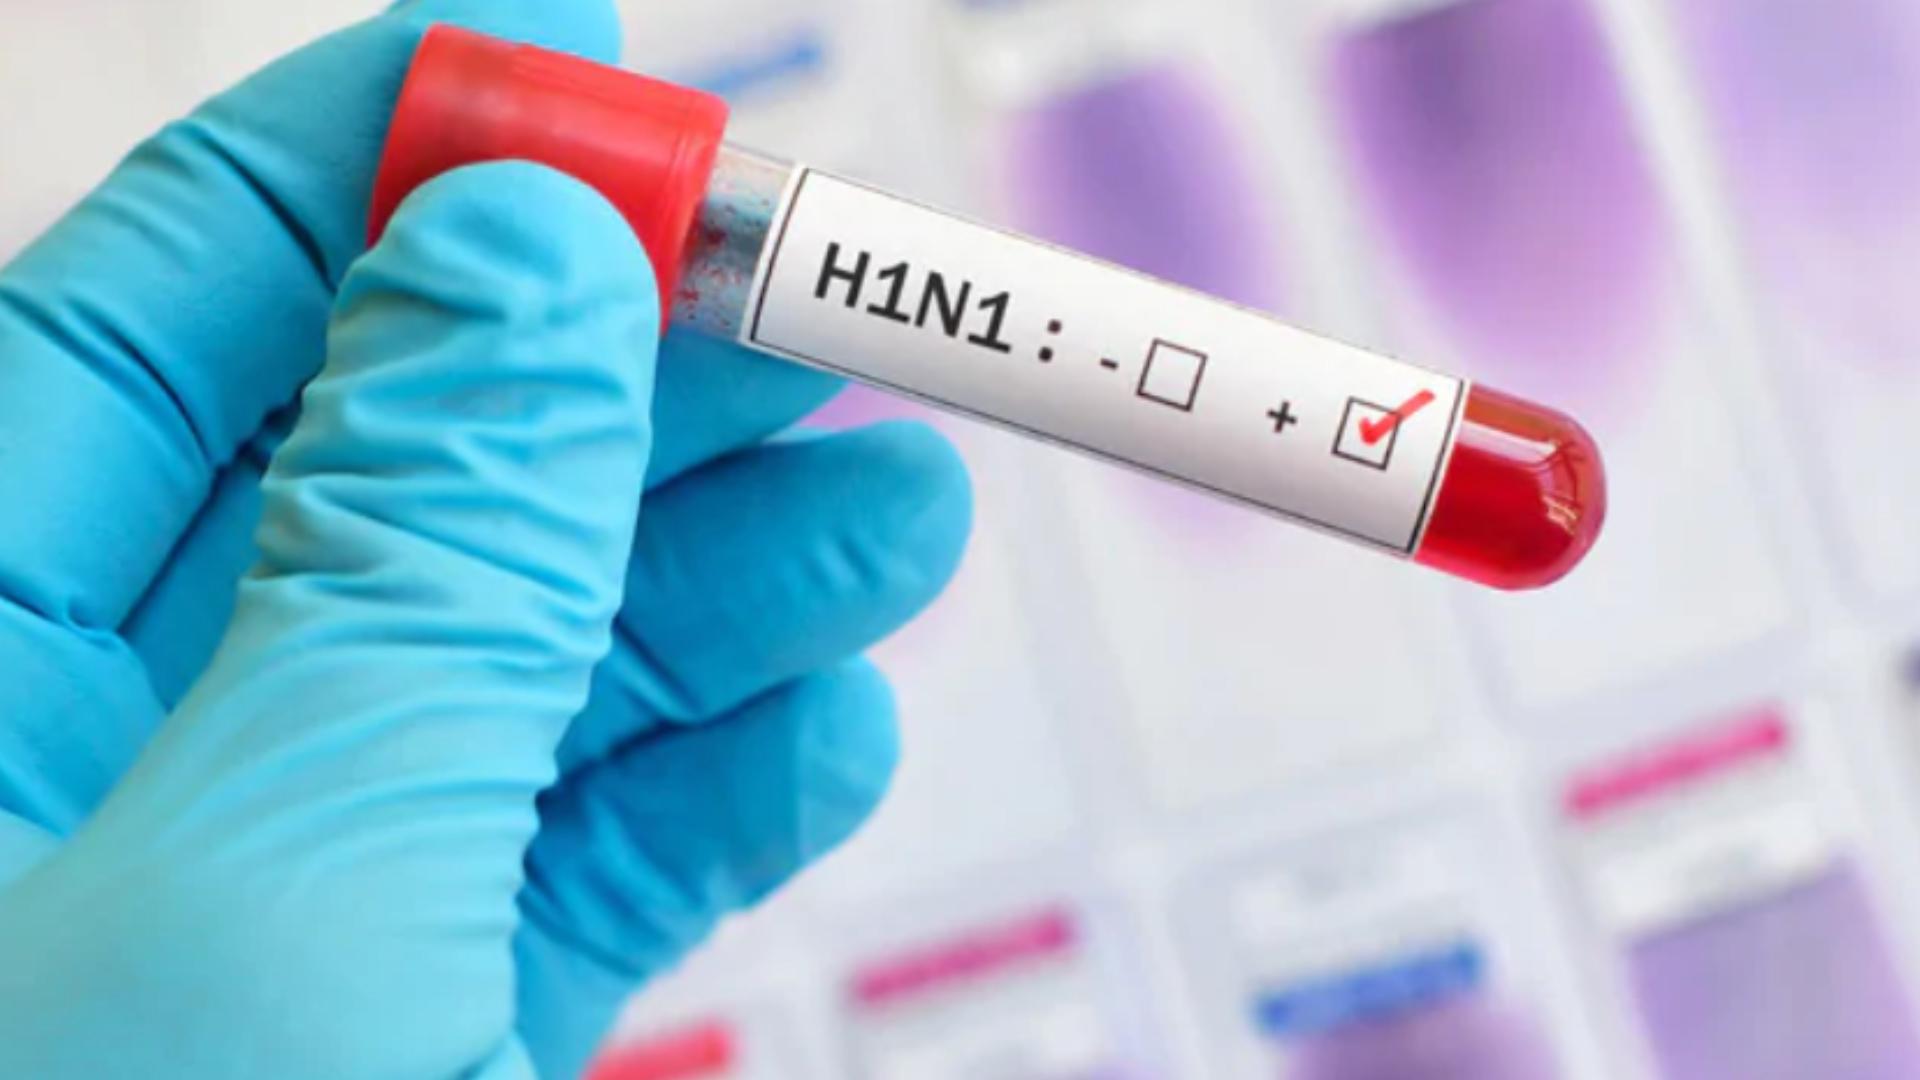 ბათუმში H1N1 ვირუსით მამაკაცი გარდაიცვალა